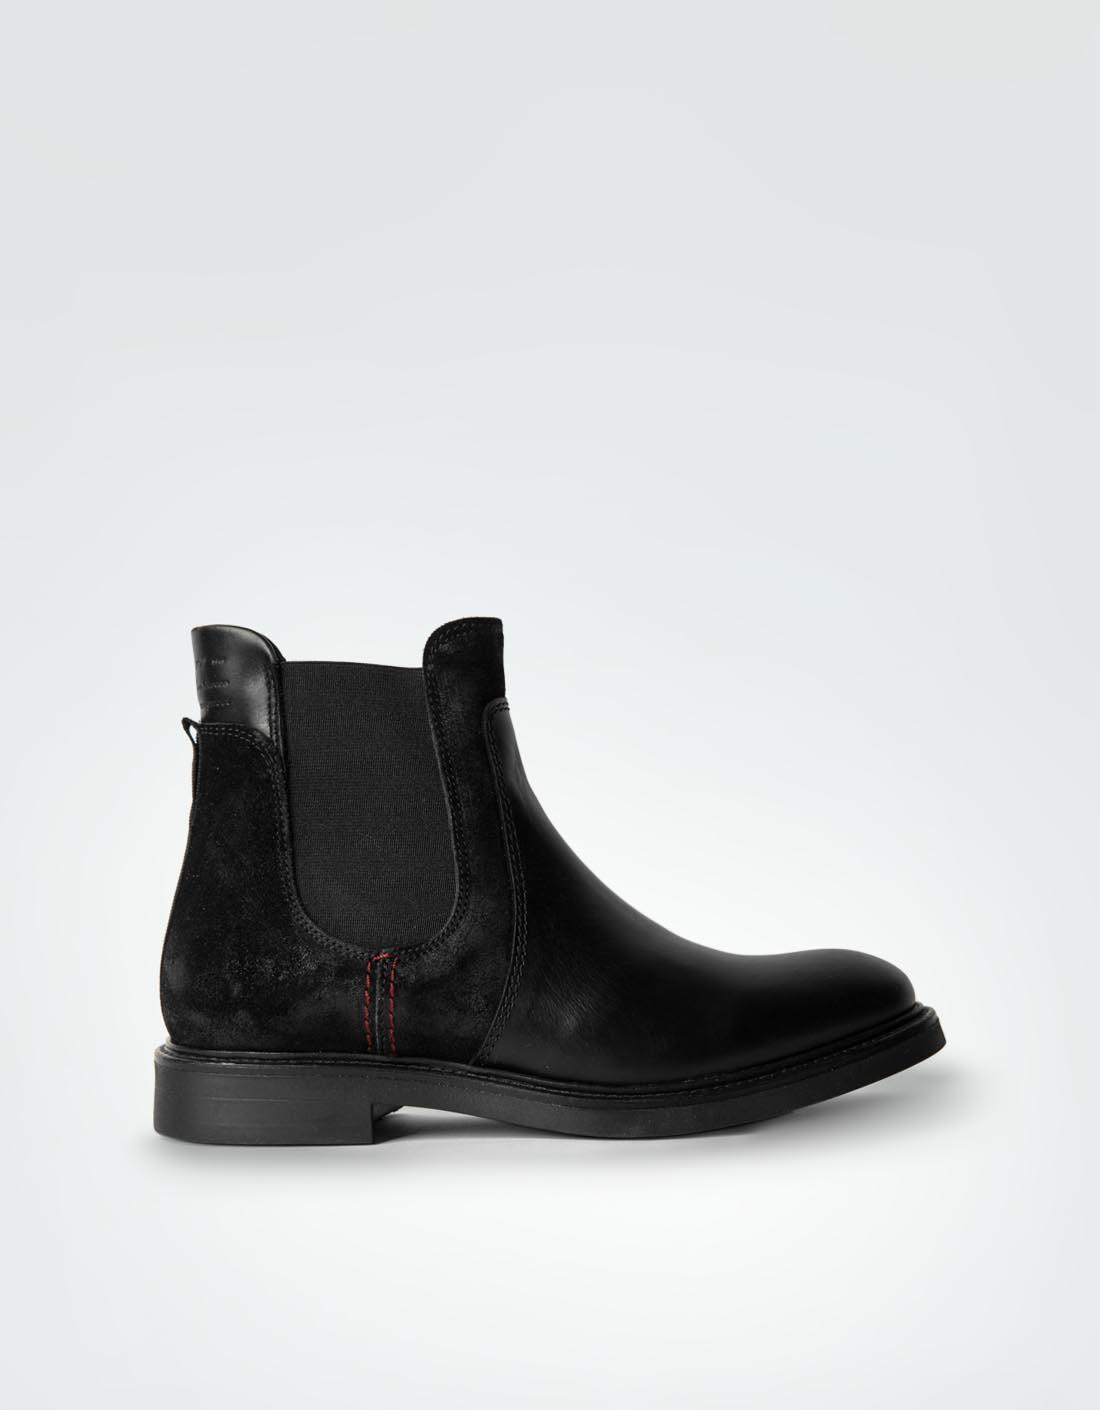 Gant Damen Schuhe Chelsea Boots aus Velours- und Glattleder schwarz FXSV9UChg